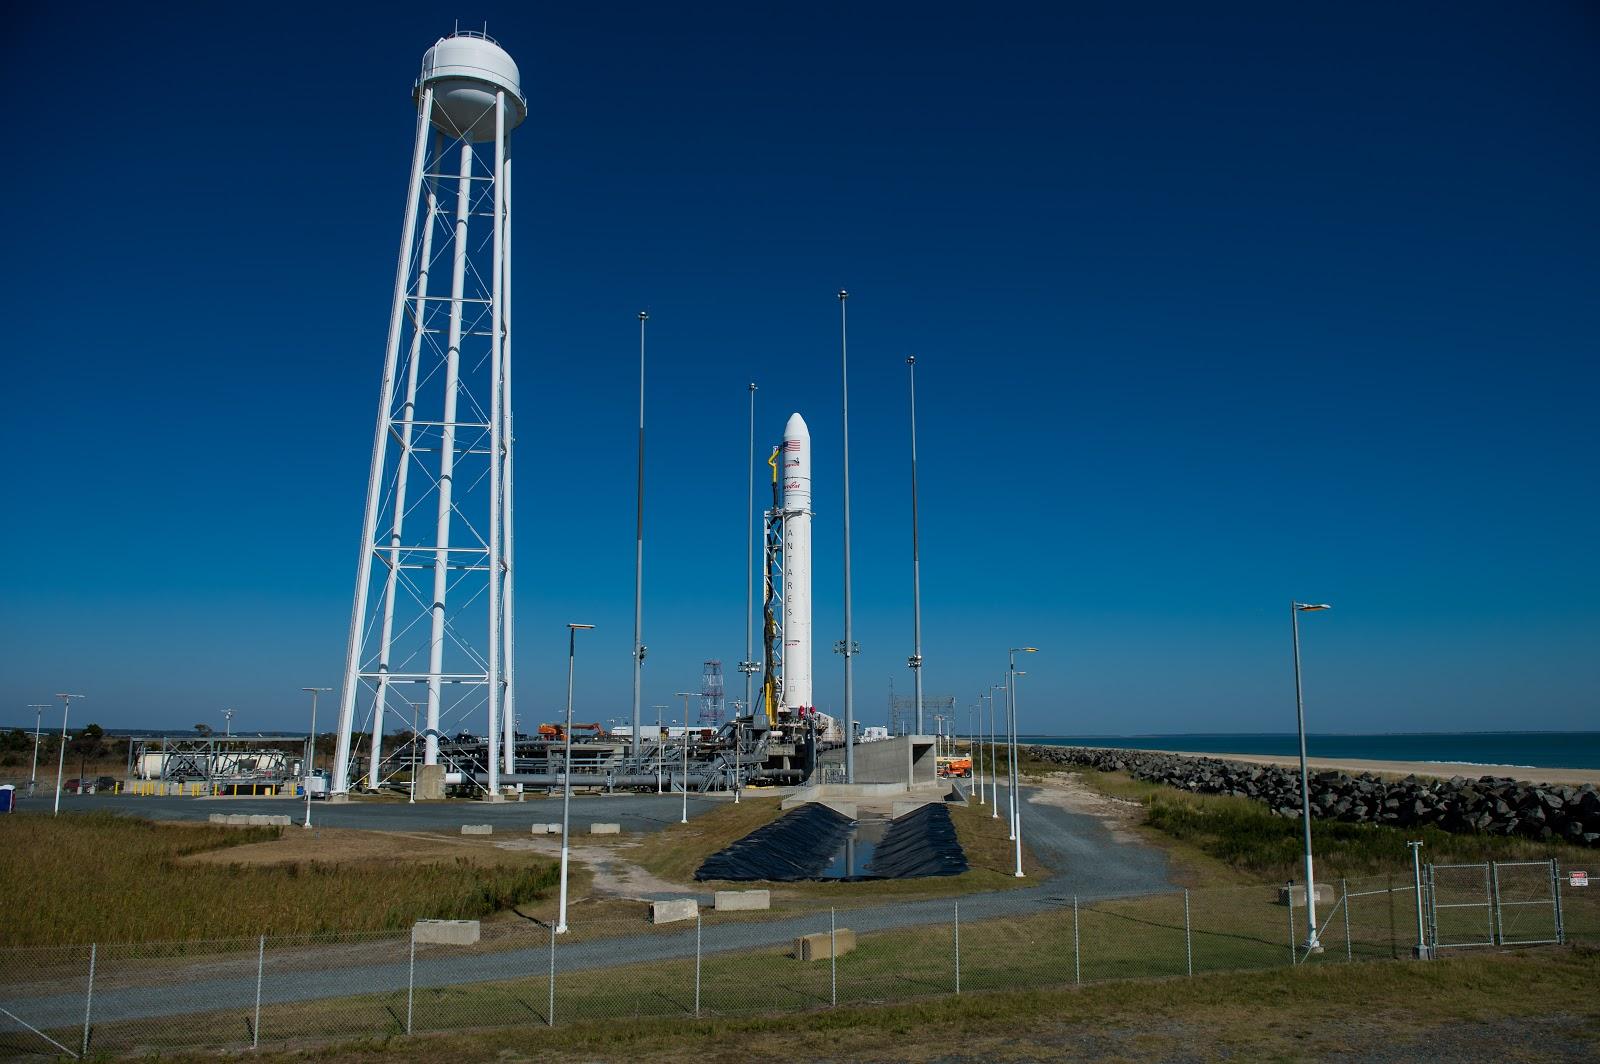 Chuẩn bị cho chuyến bay vào ngày 25/10/2014. Bản quyền hình ảnh : NASA/Joel Kowsky.